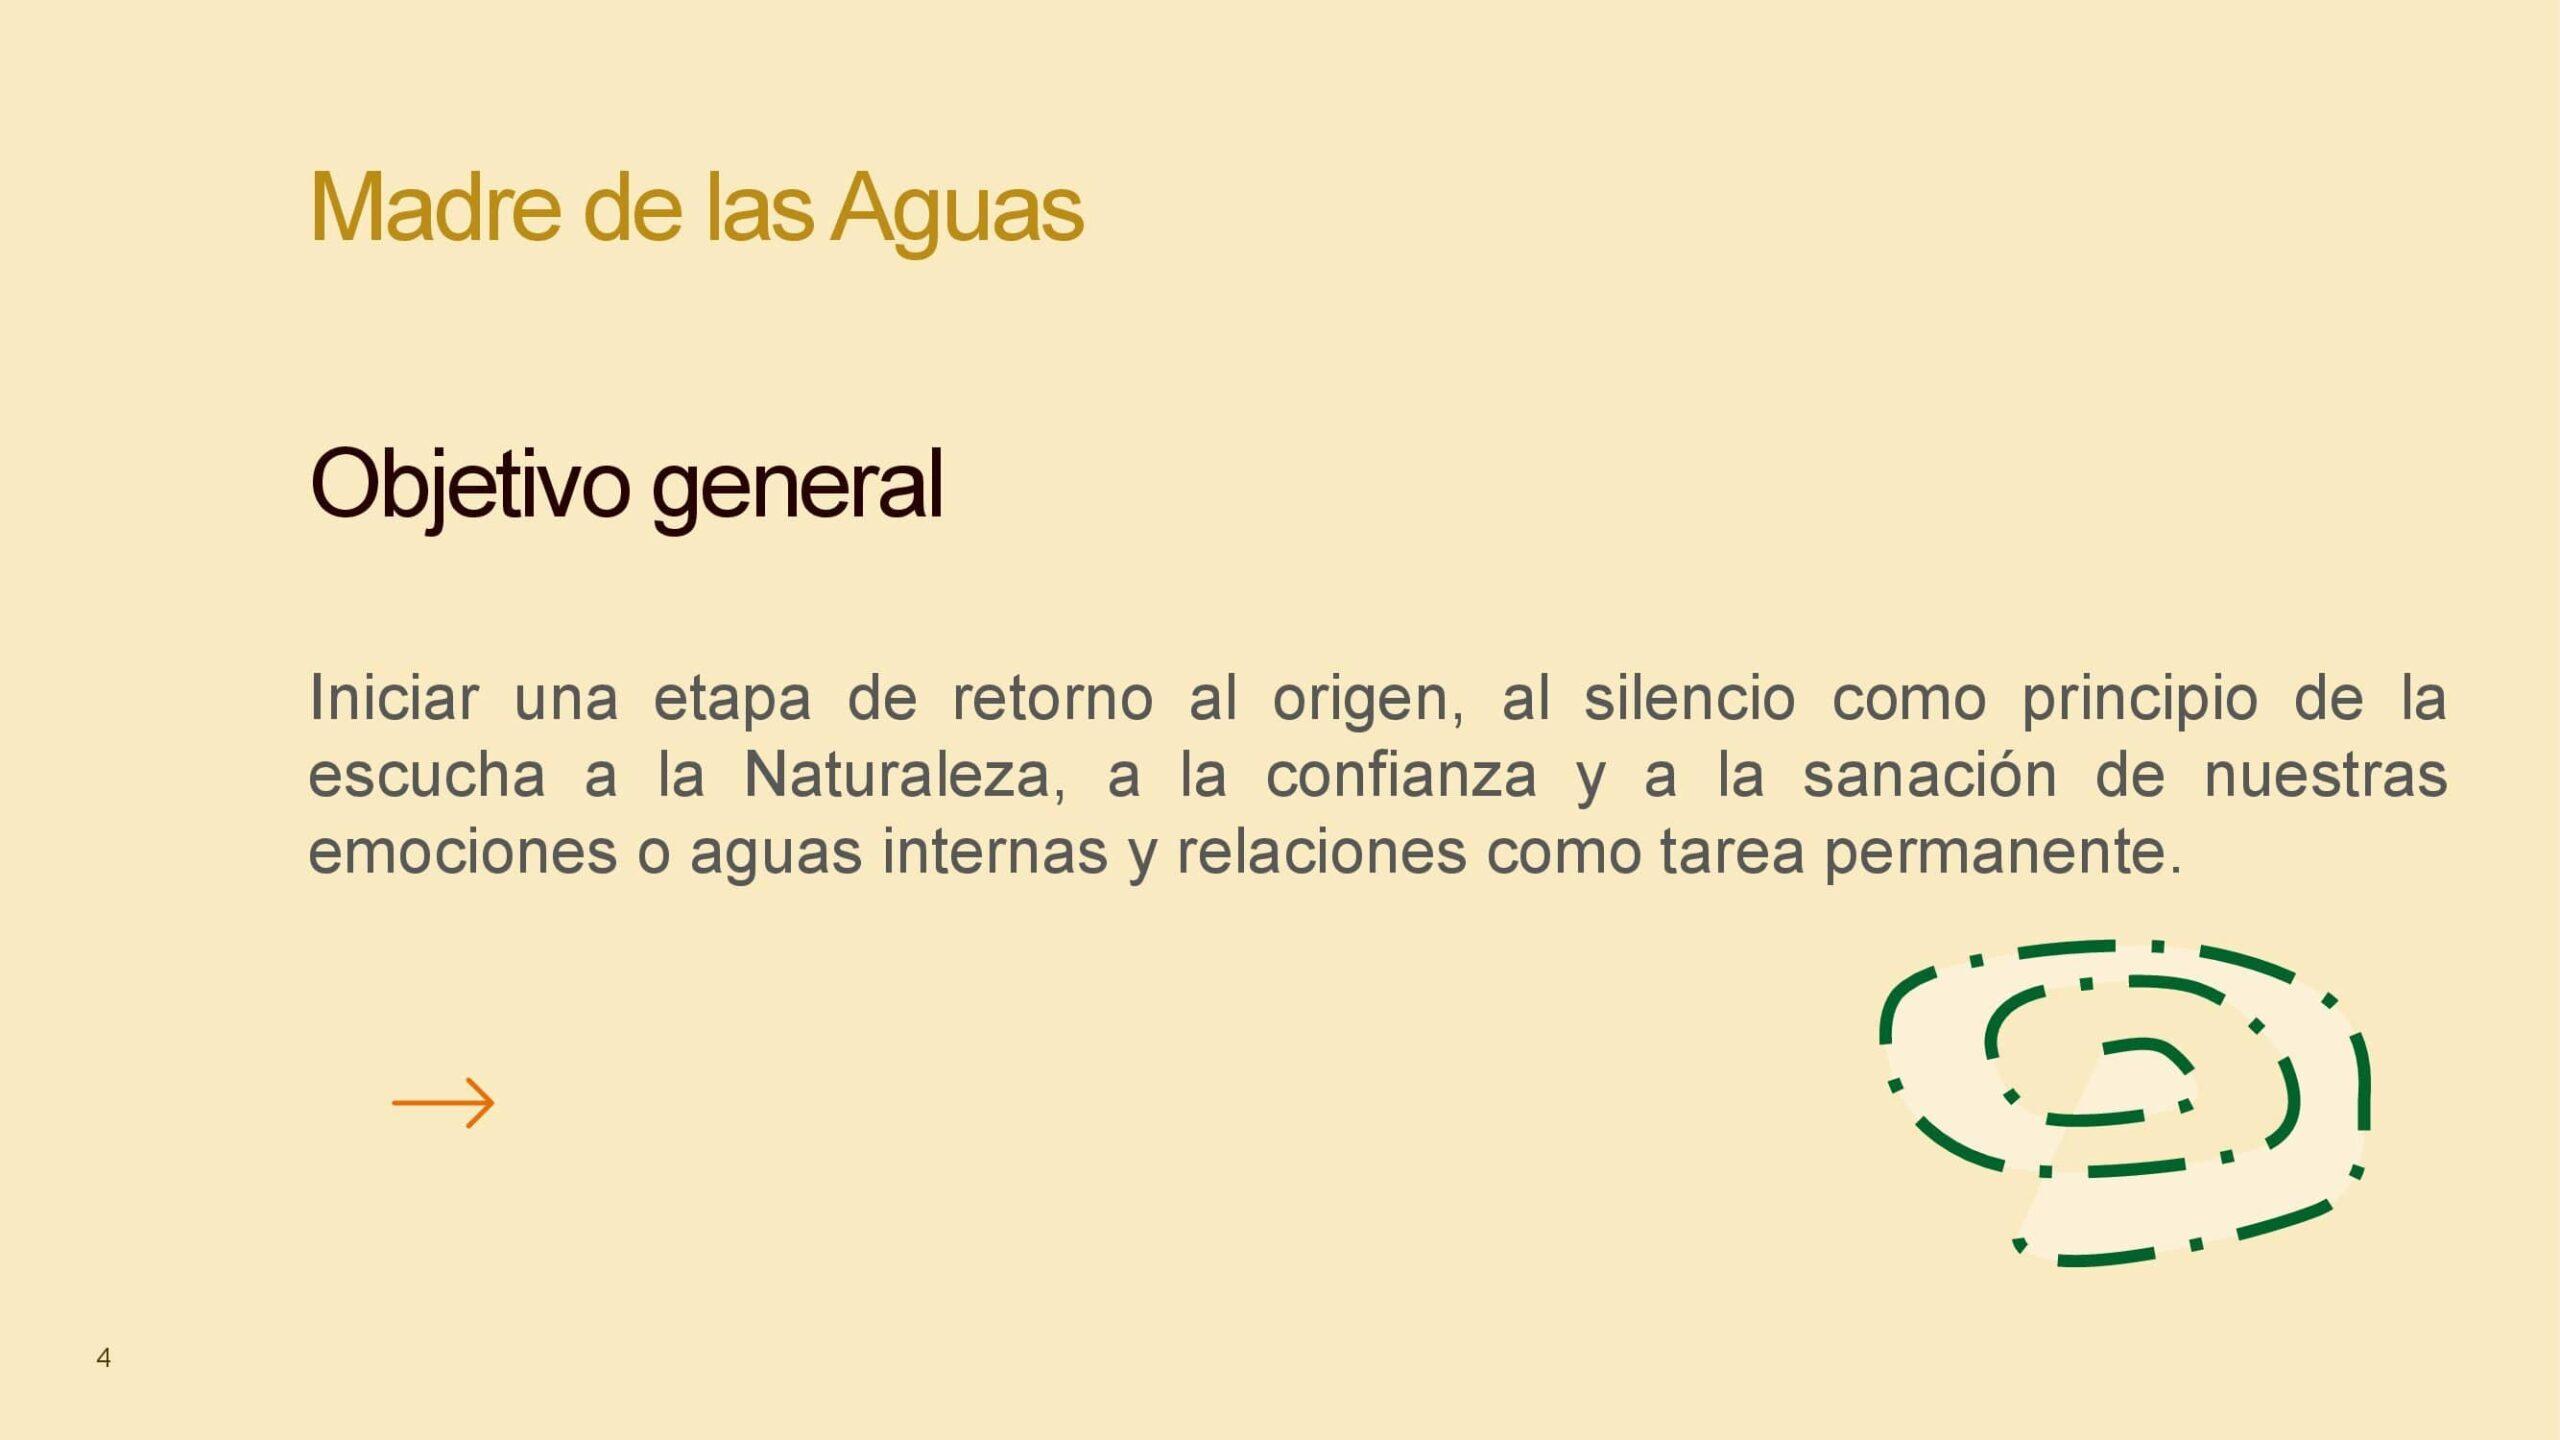 Información curso Madre de las Aguas (2)_00004